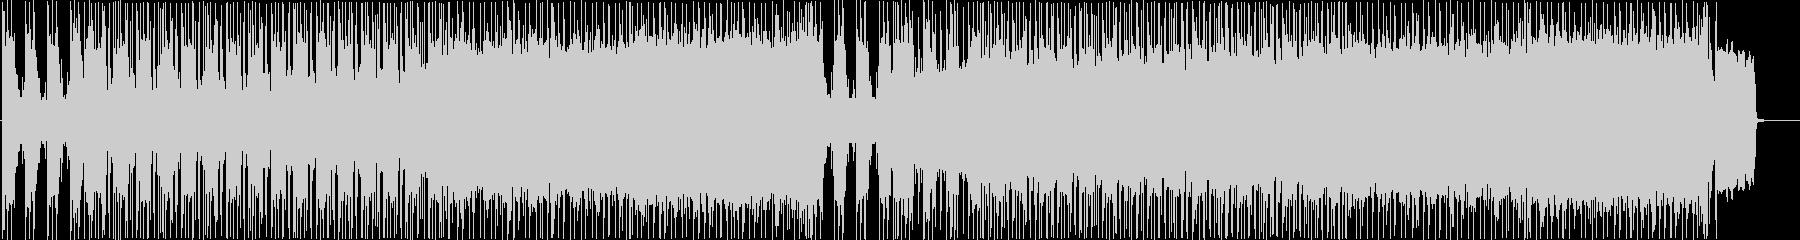 バトルをイメージしたメタルBGMの未再生の波形